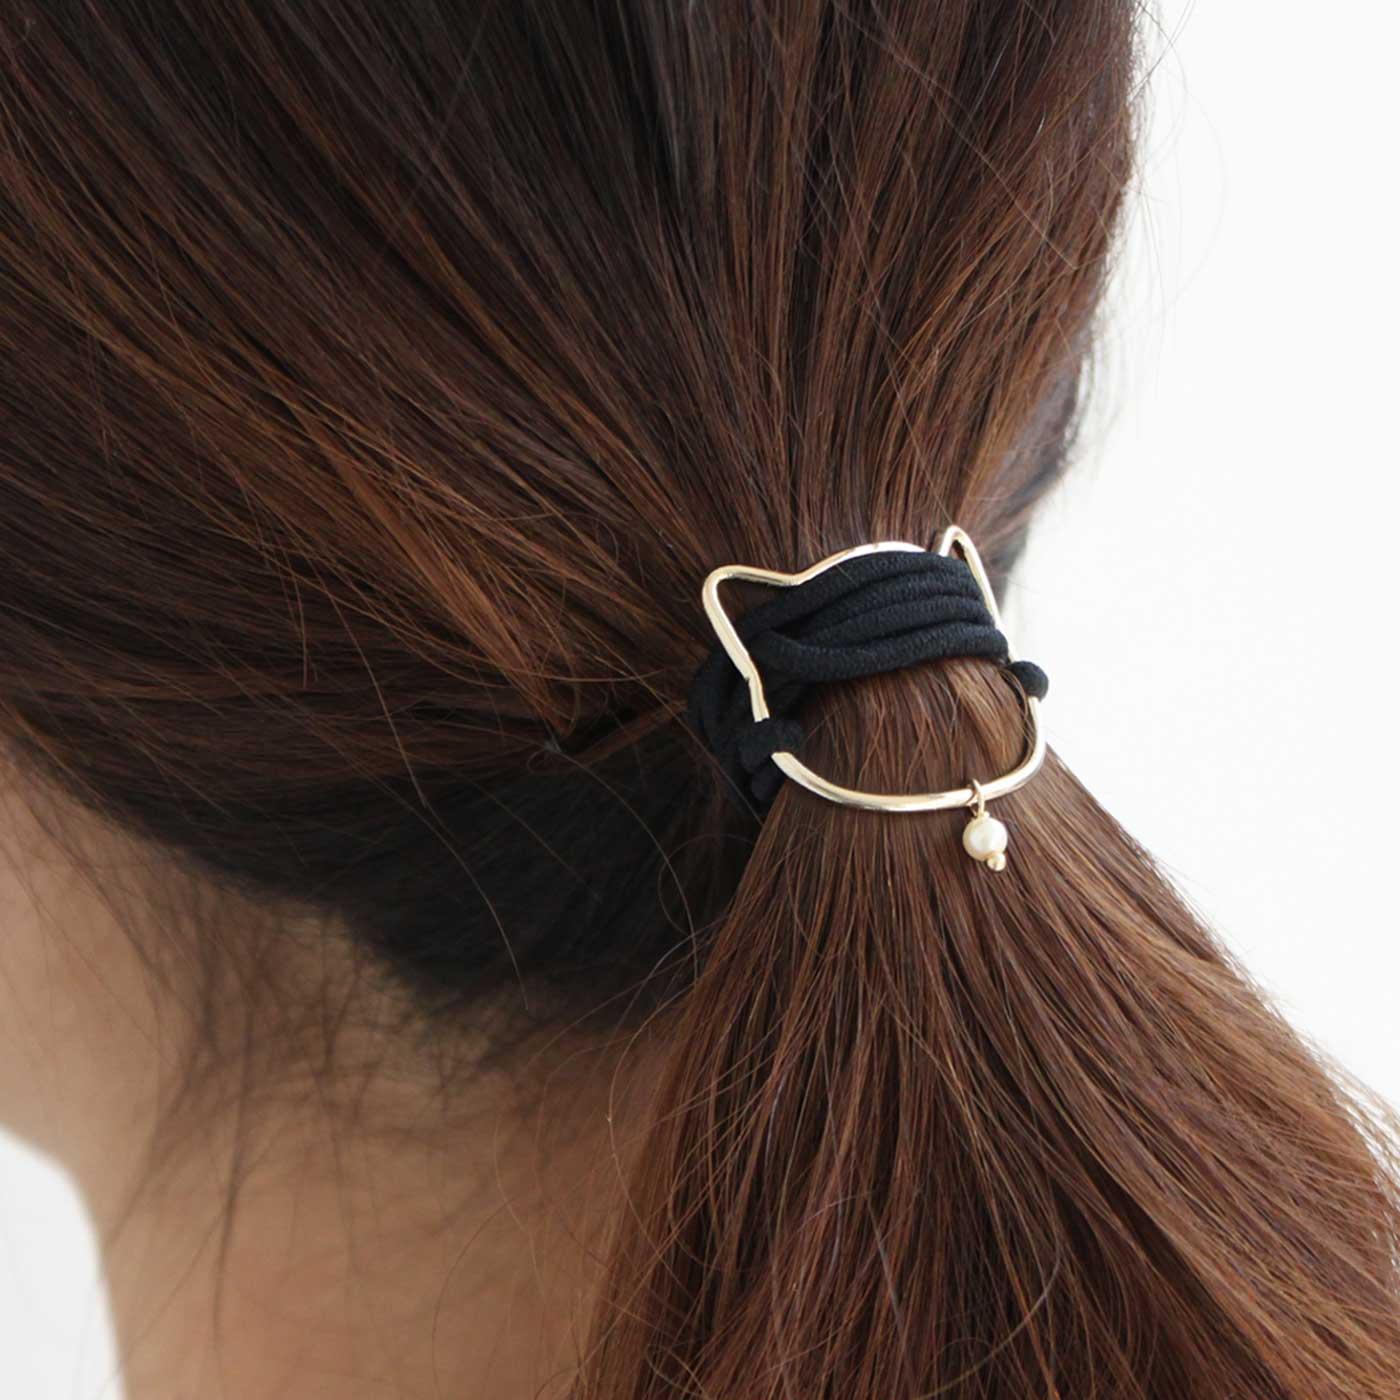 まとめ髪に沿わせやすいよう、カーブをつけました。